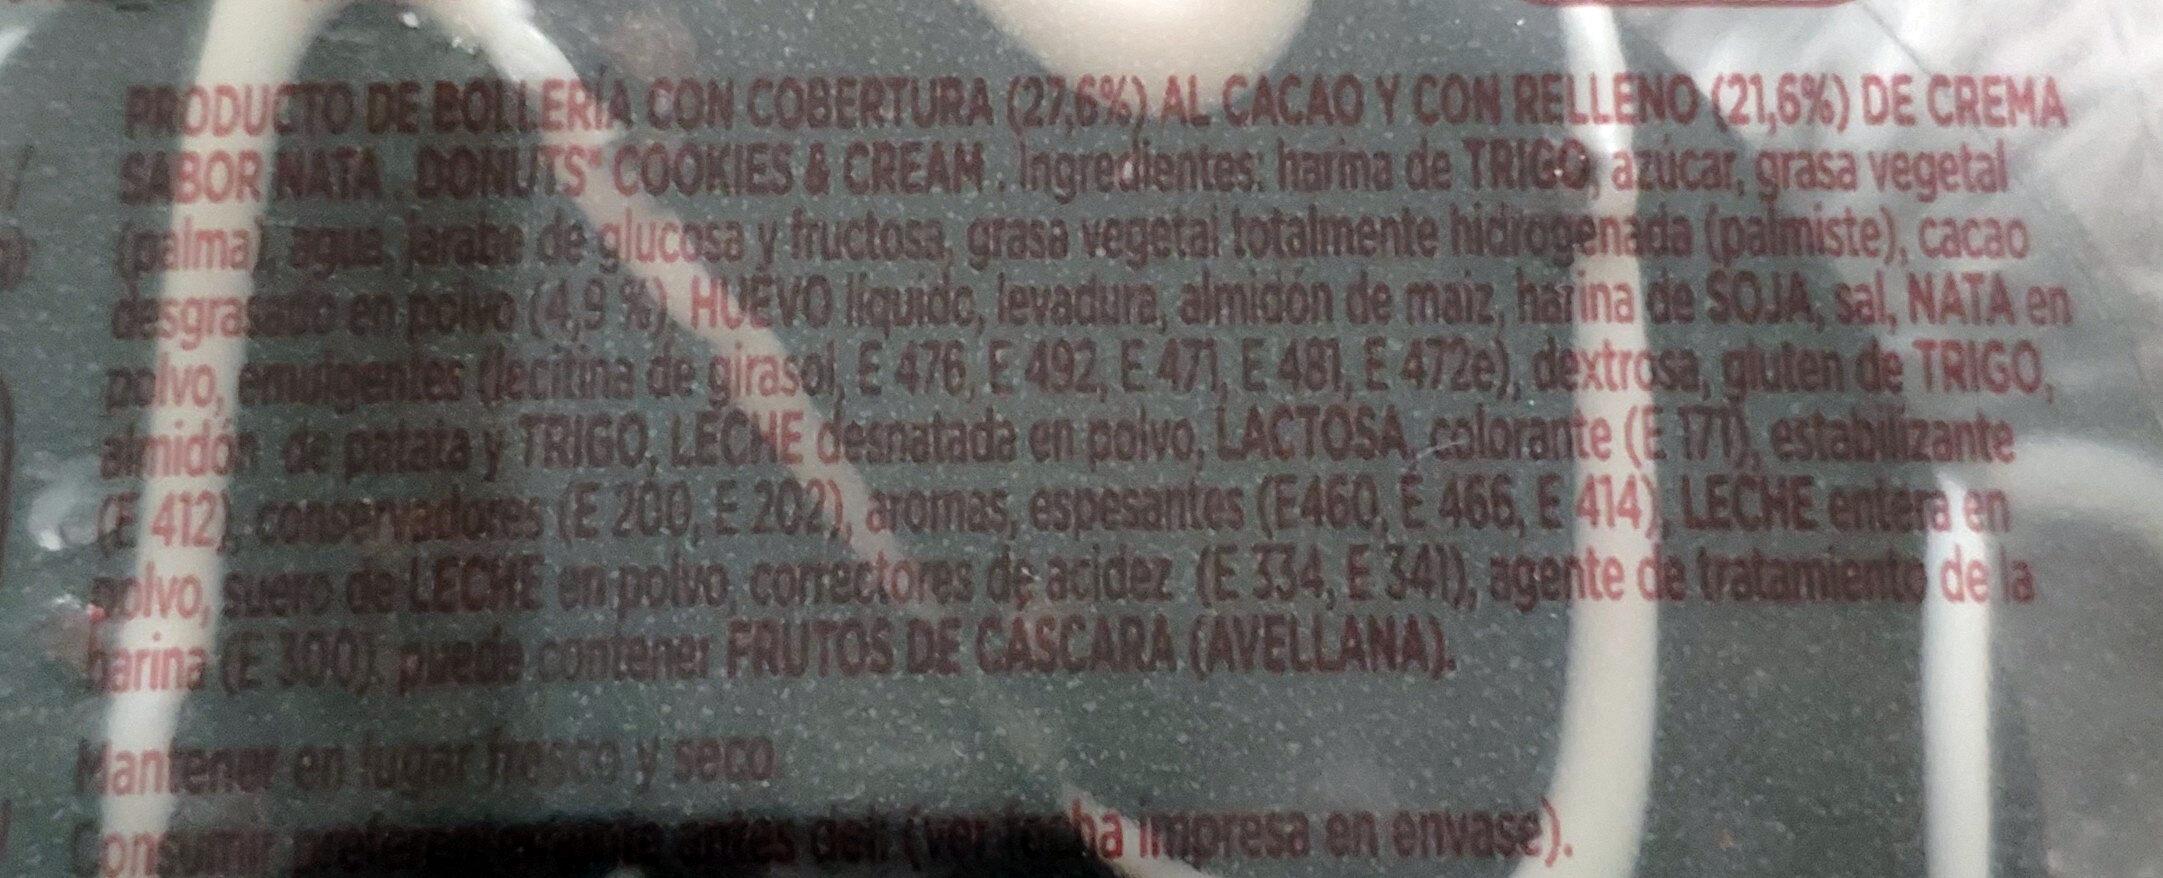 Donuts cookies & cream - Ingredients - es